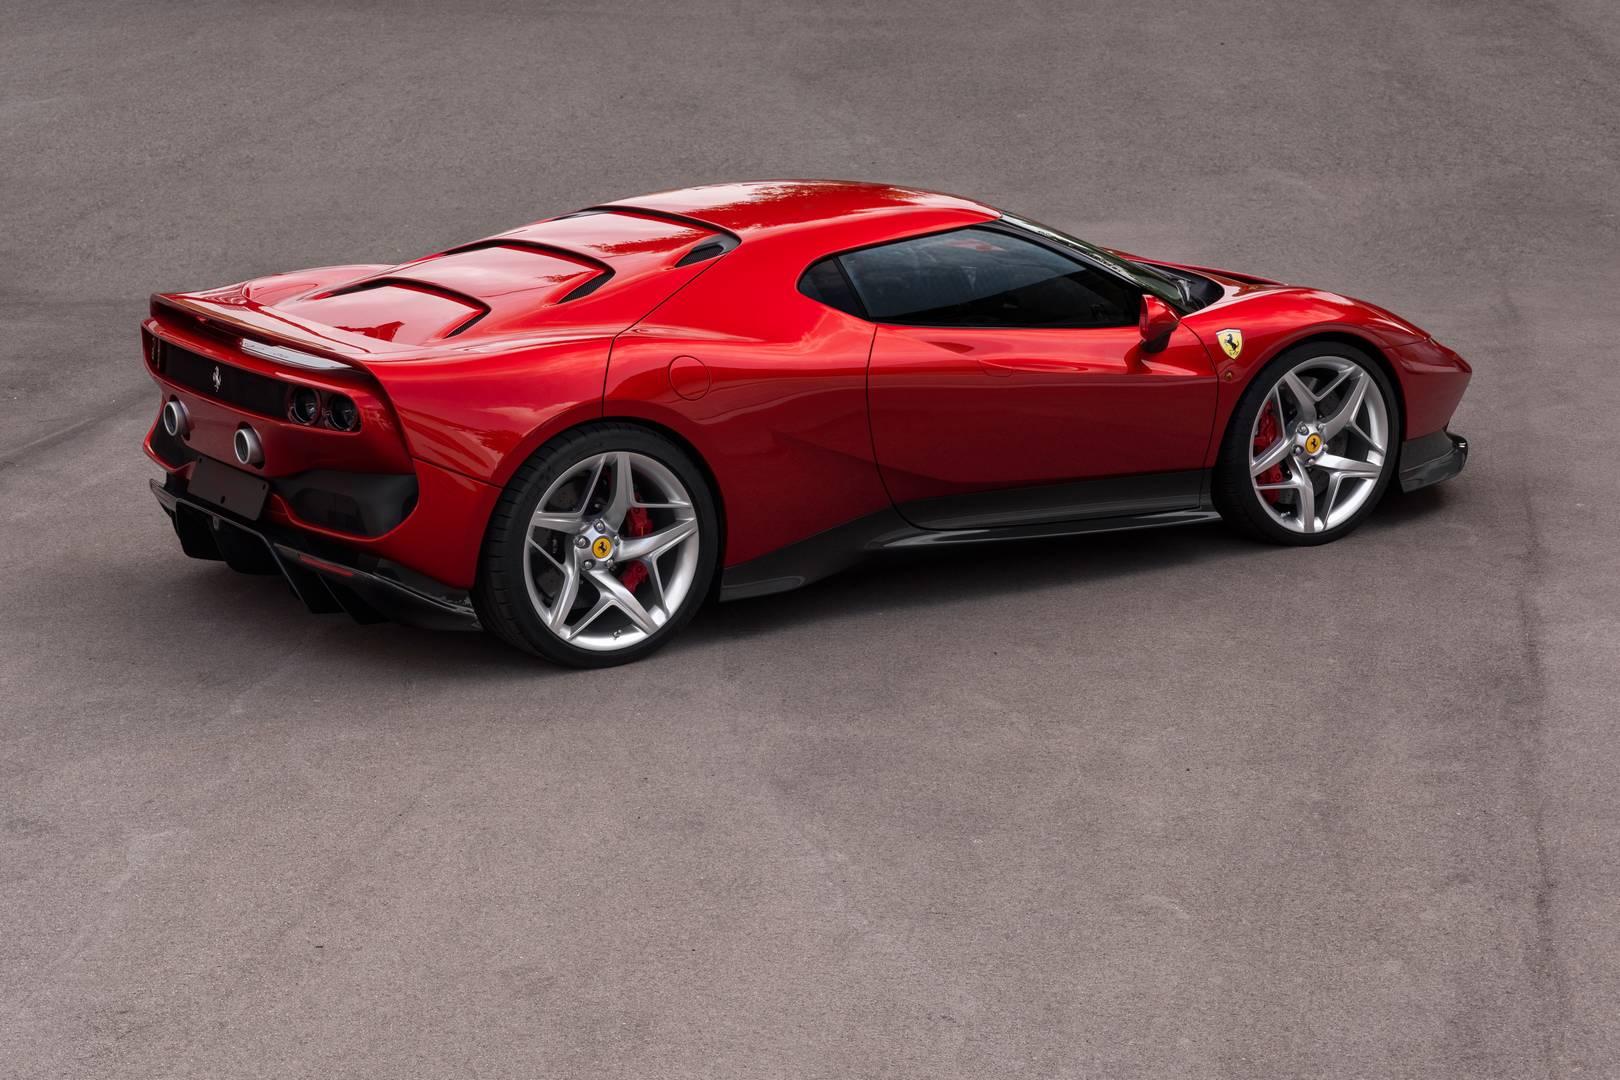 Программа по запуску уникальных специальных изданий Ferrari одно время затихла.